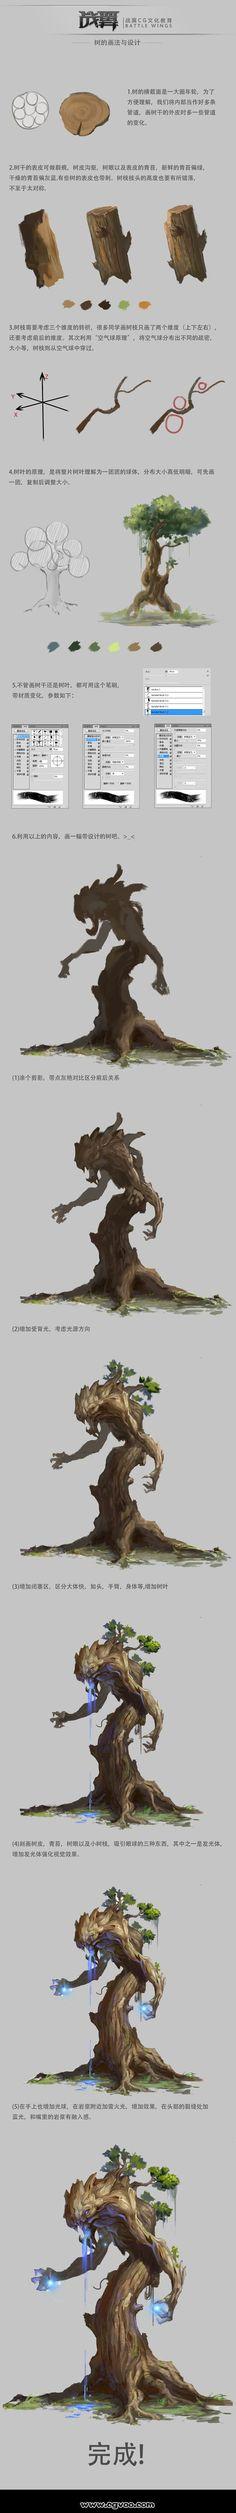 树的画法与设计 by 战翼CG文化教育 on CGVOO